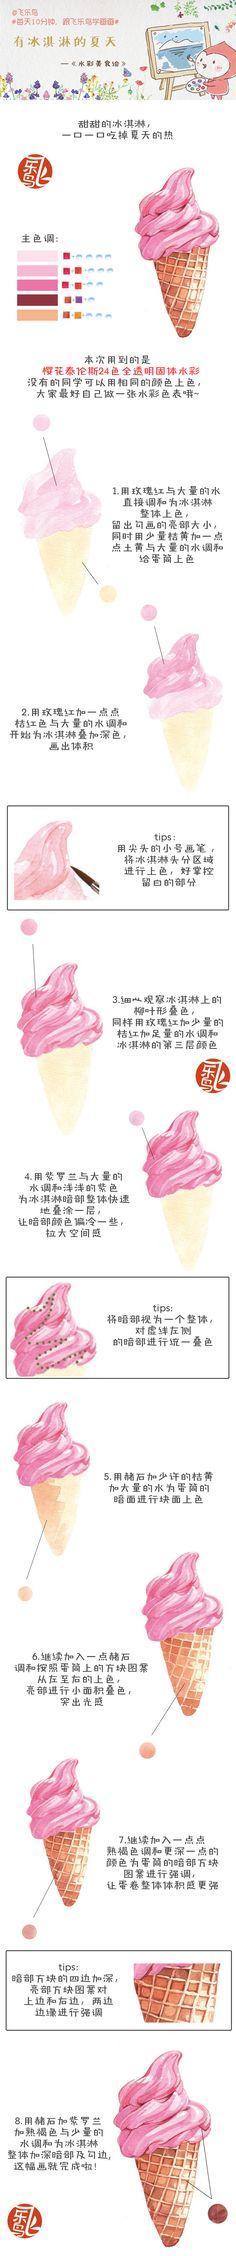 飞乐鸟 's Weibo_Weibo